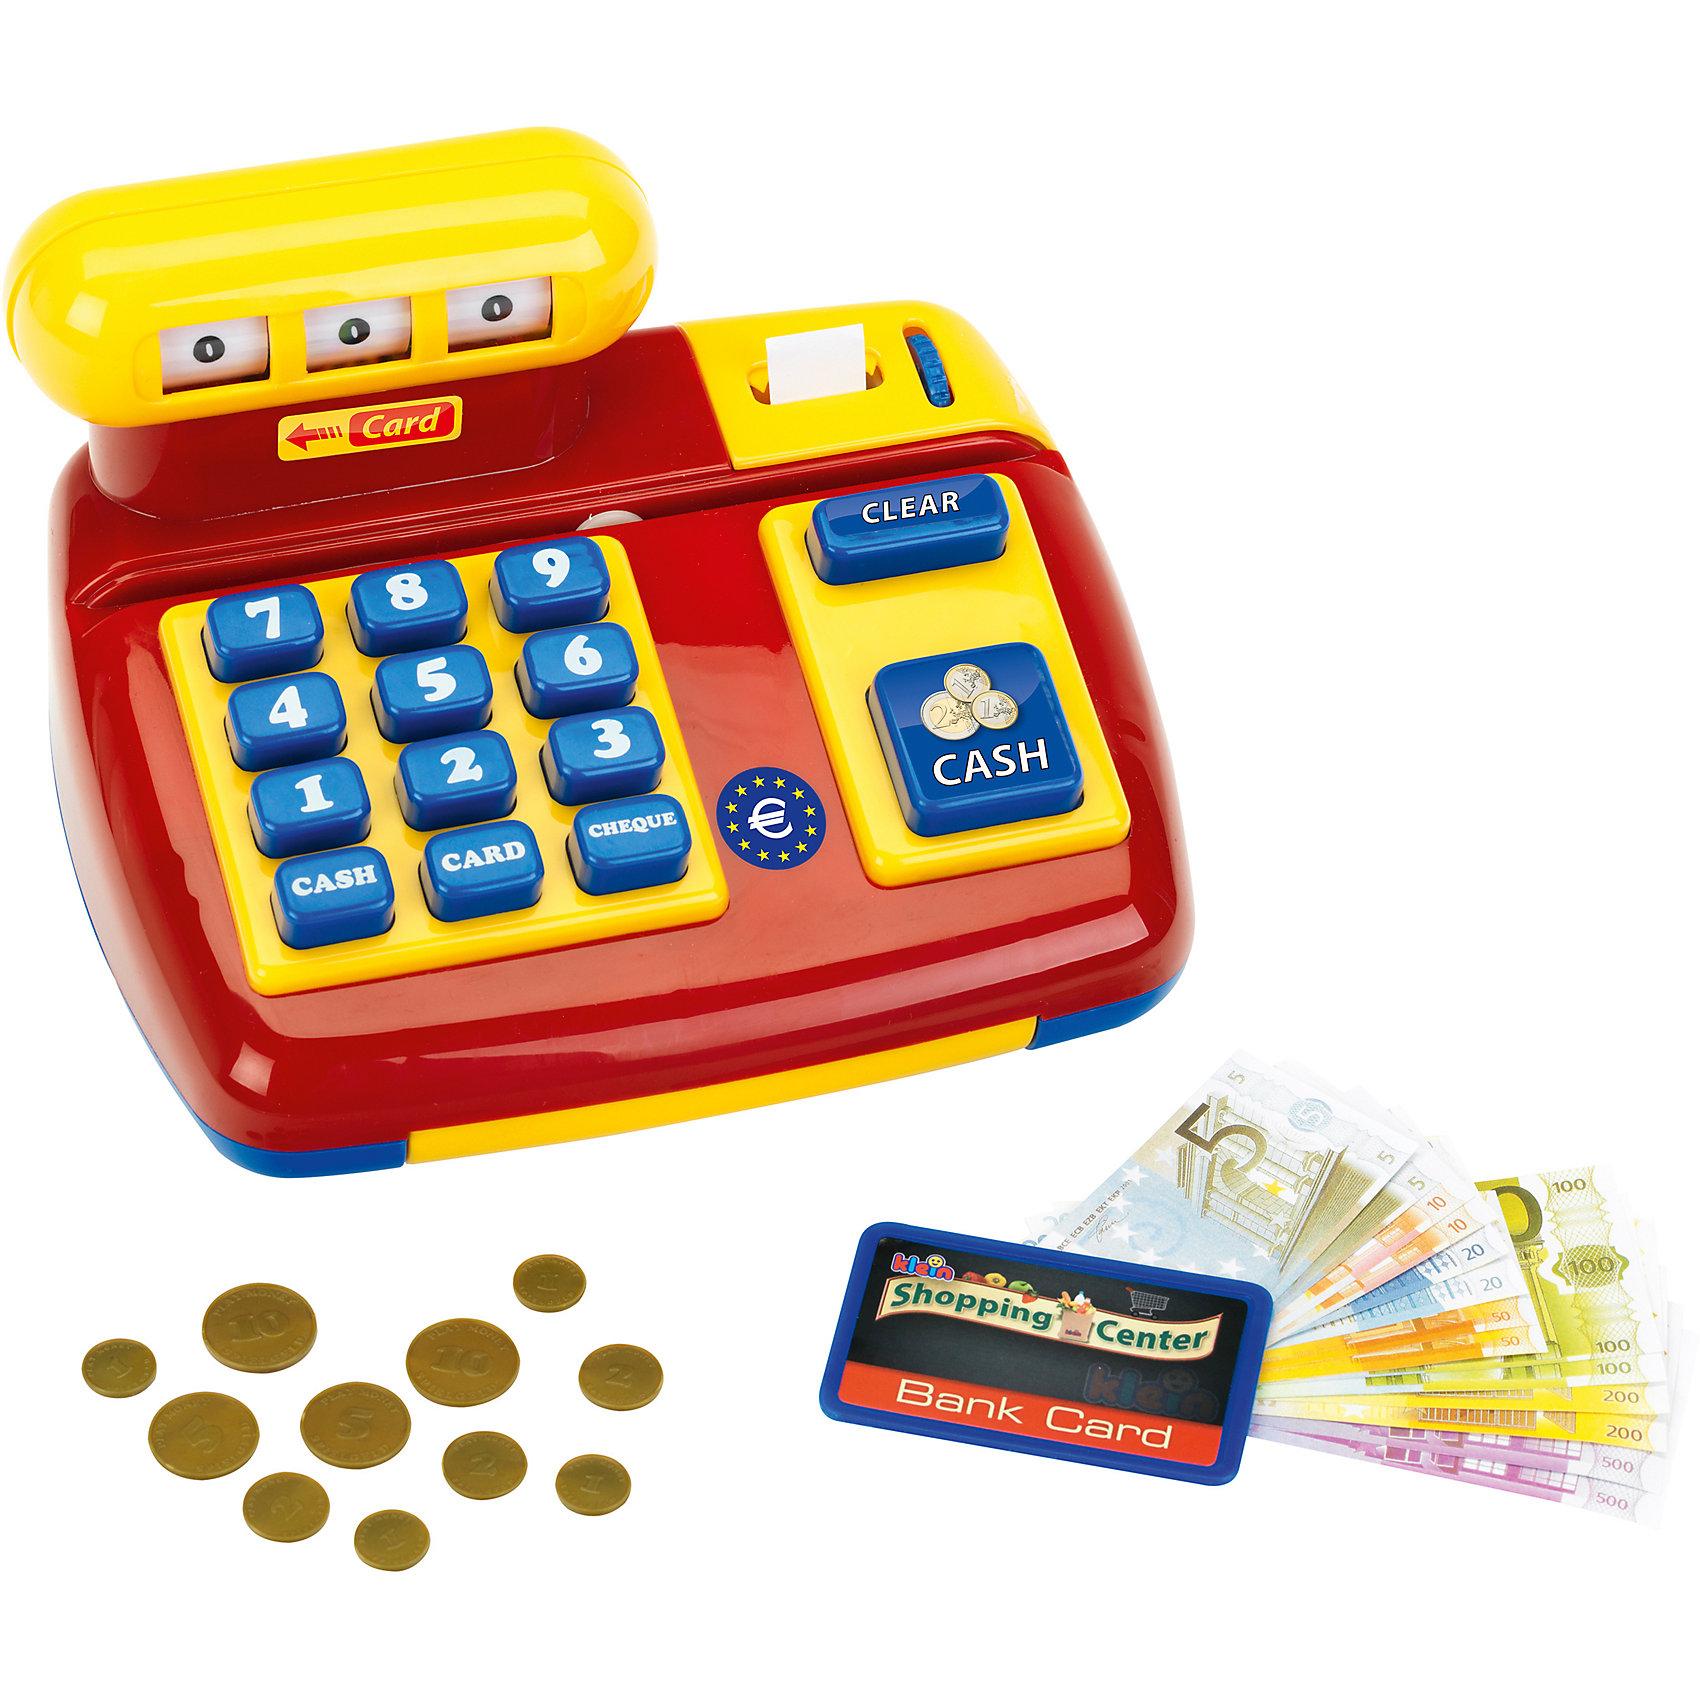 klein Игрушка-касса с чекомМеханическая игрушка-касса с чеком со звуковыми эффектами от klein (Кляйн).<br><br>Касса обладает массой интересных функций, например, можно расплачиваться кредитной картой - при этом раздается характерный звук. Открывание кассы также сопровождается звуковым эффектом.<br>Кассовая лента для чеков и появляющиеся на табло цифры выглядят очень реалистично.<br><br>Дополнительная информация:<br><br>В комплект входят игрушечные деньги.<br><br>Размеры упаковки (д/ш/в): 20,8 х 16,2 х 13 см.<br><br>Материал: качественная пластмасса<br><br>Для игры в магазин просто необходима эта механическая касса!<br><br>Ширина мм: 210<br>Глубина мм: 170<br>Высота мм: 134<br>Вес г: 617<br>Возраст от месяцев: 36<br>Возраст до месяцев: 72<br>Пол: Женский<br>Возраст: Детский<br>SKU: 1873368